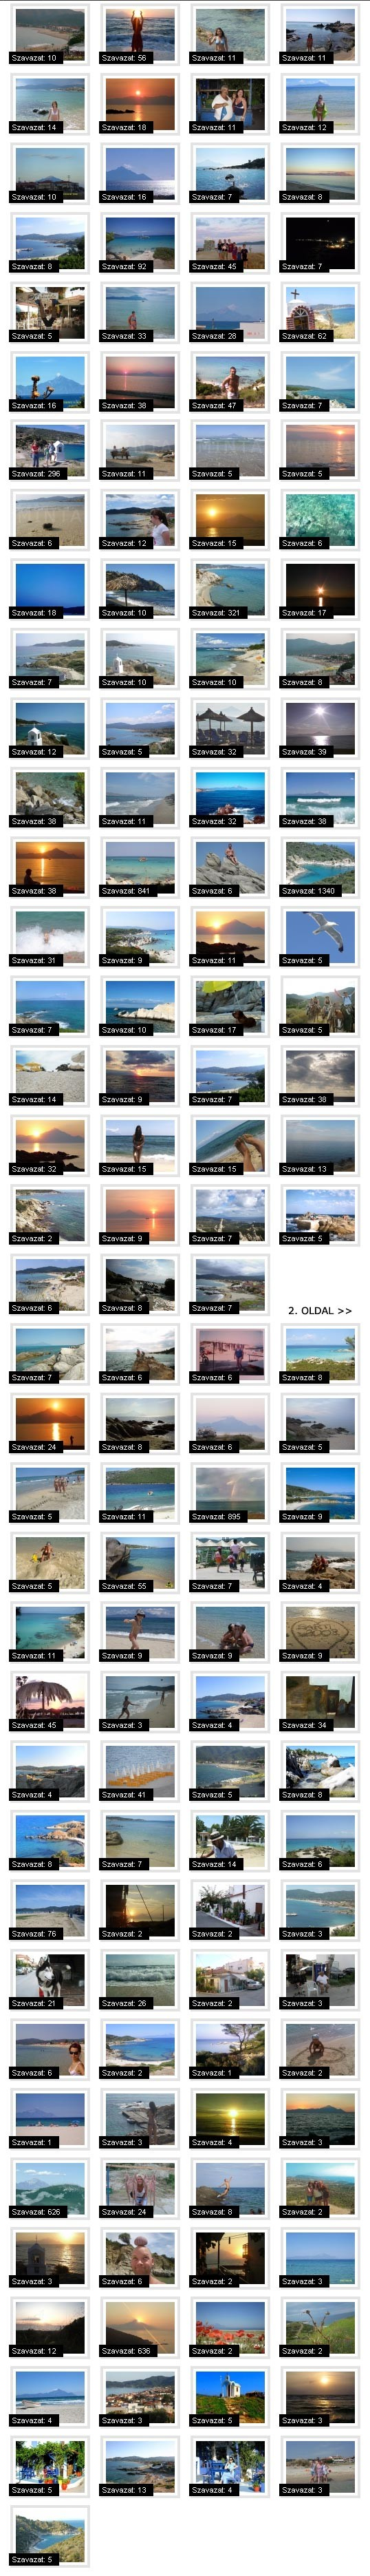 2011_fotopalyazat_szavazatok